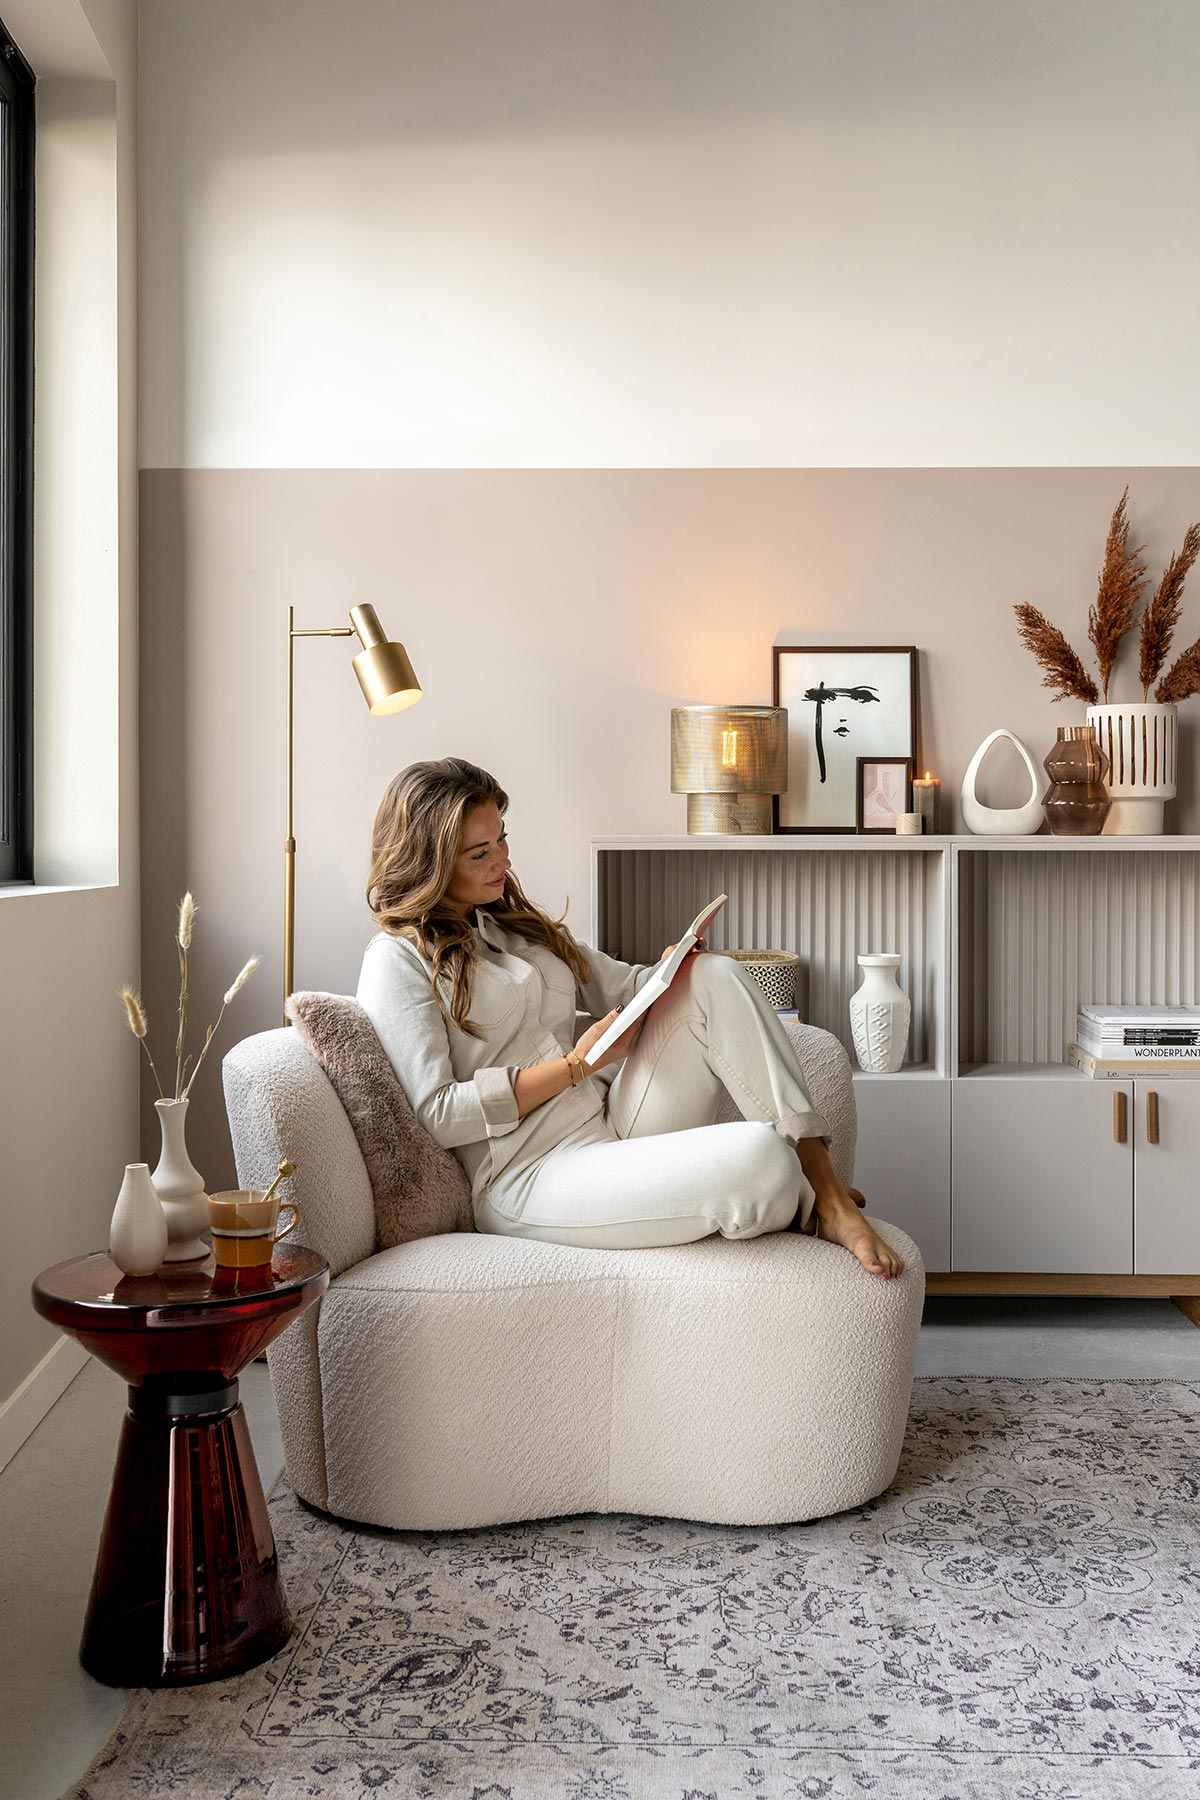 Teddy fauteuil styling - Tanja van Hoogdalem